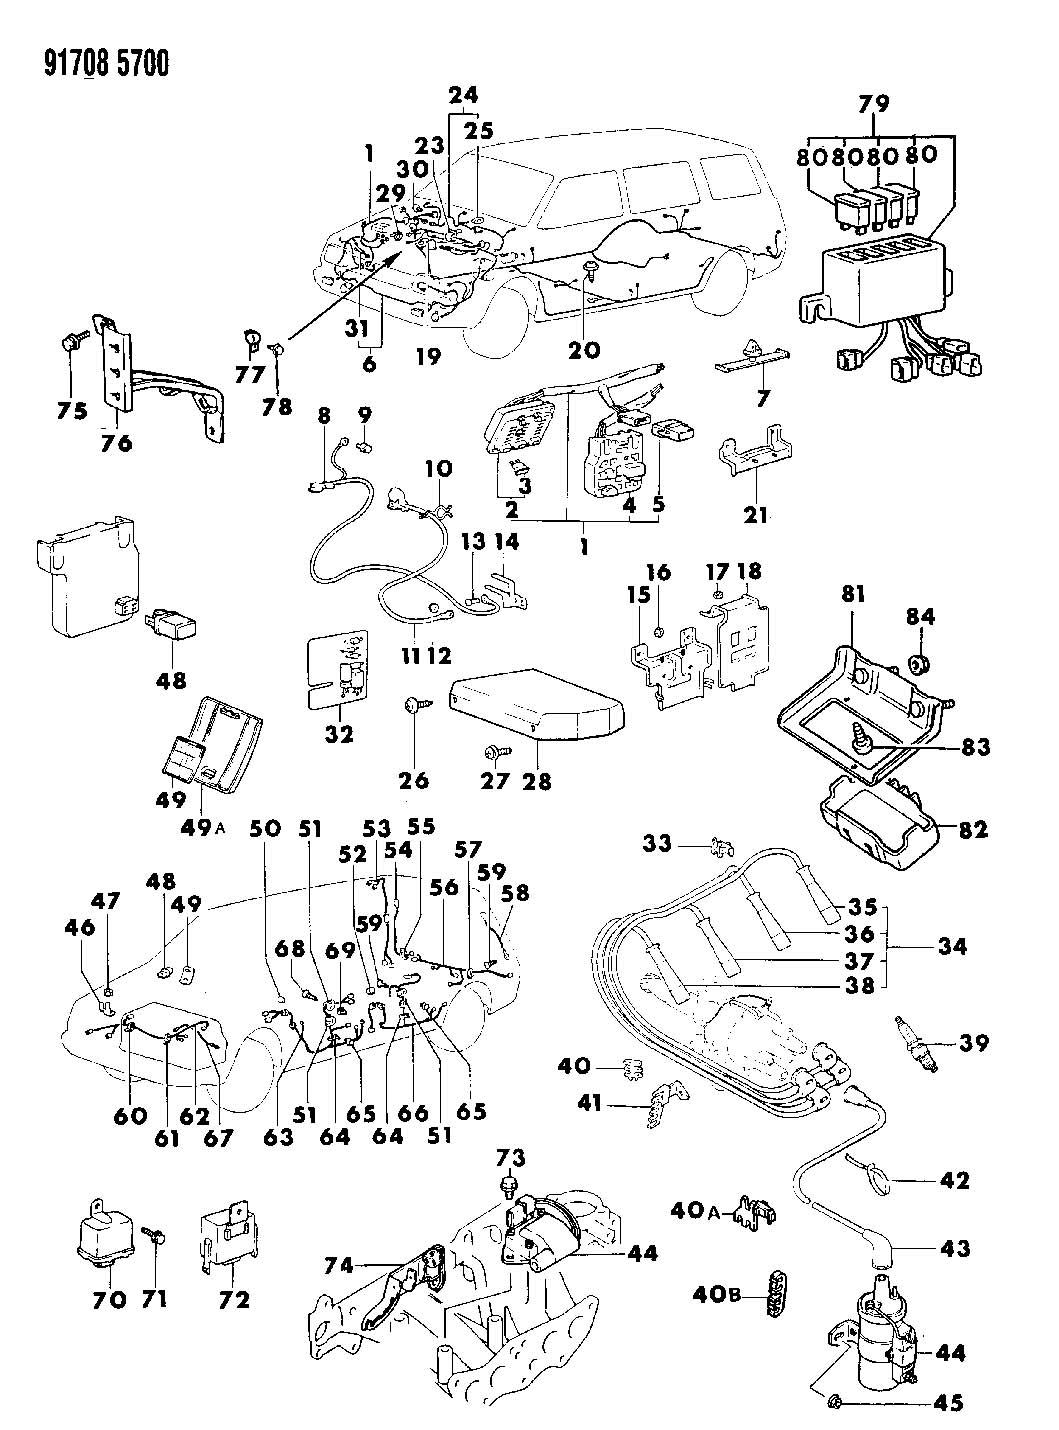 MD104697. W/brkt ignition coil pwr. Transistor, wbrkt